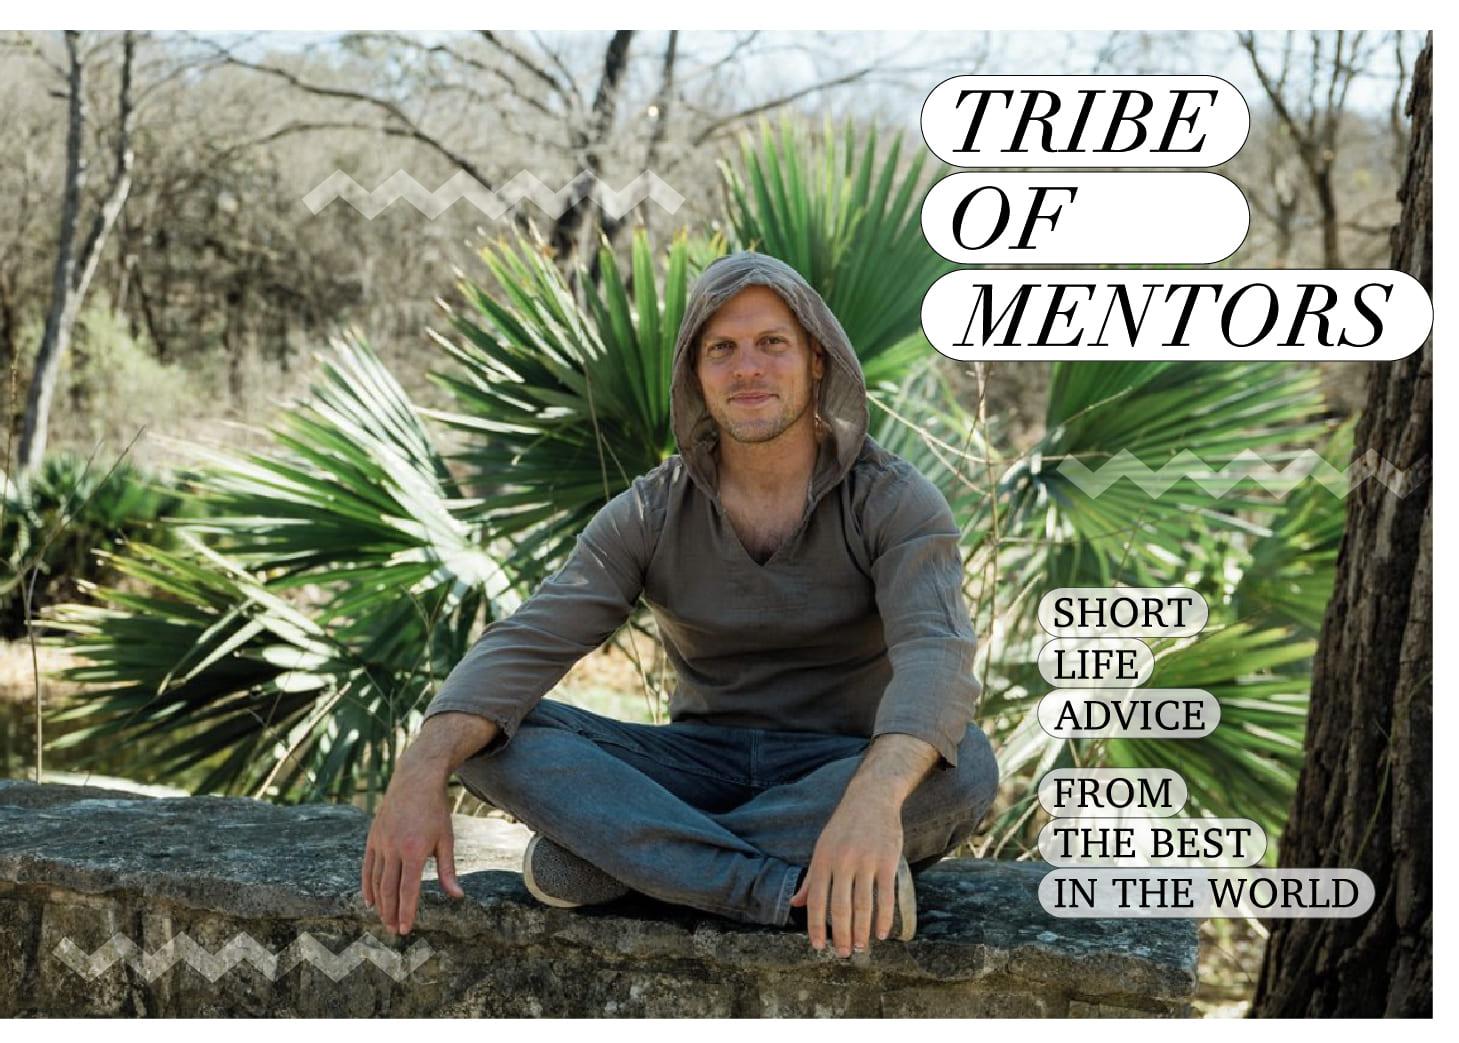 人生給的答案,就在手裡!「音頻界的歐普拉」提摩西.費里斯與大師們的解惑全手冊Tribe of Mentors: Short Life Advice from the Best in the World